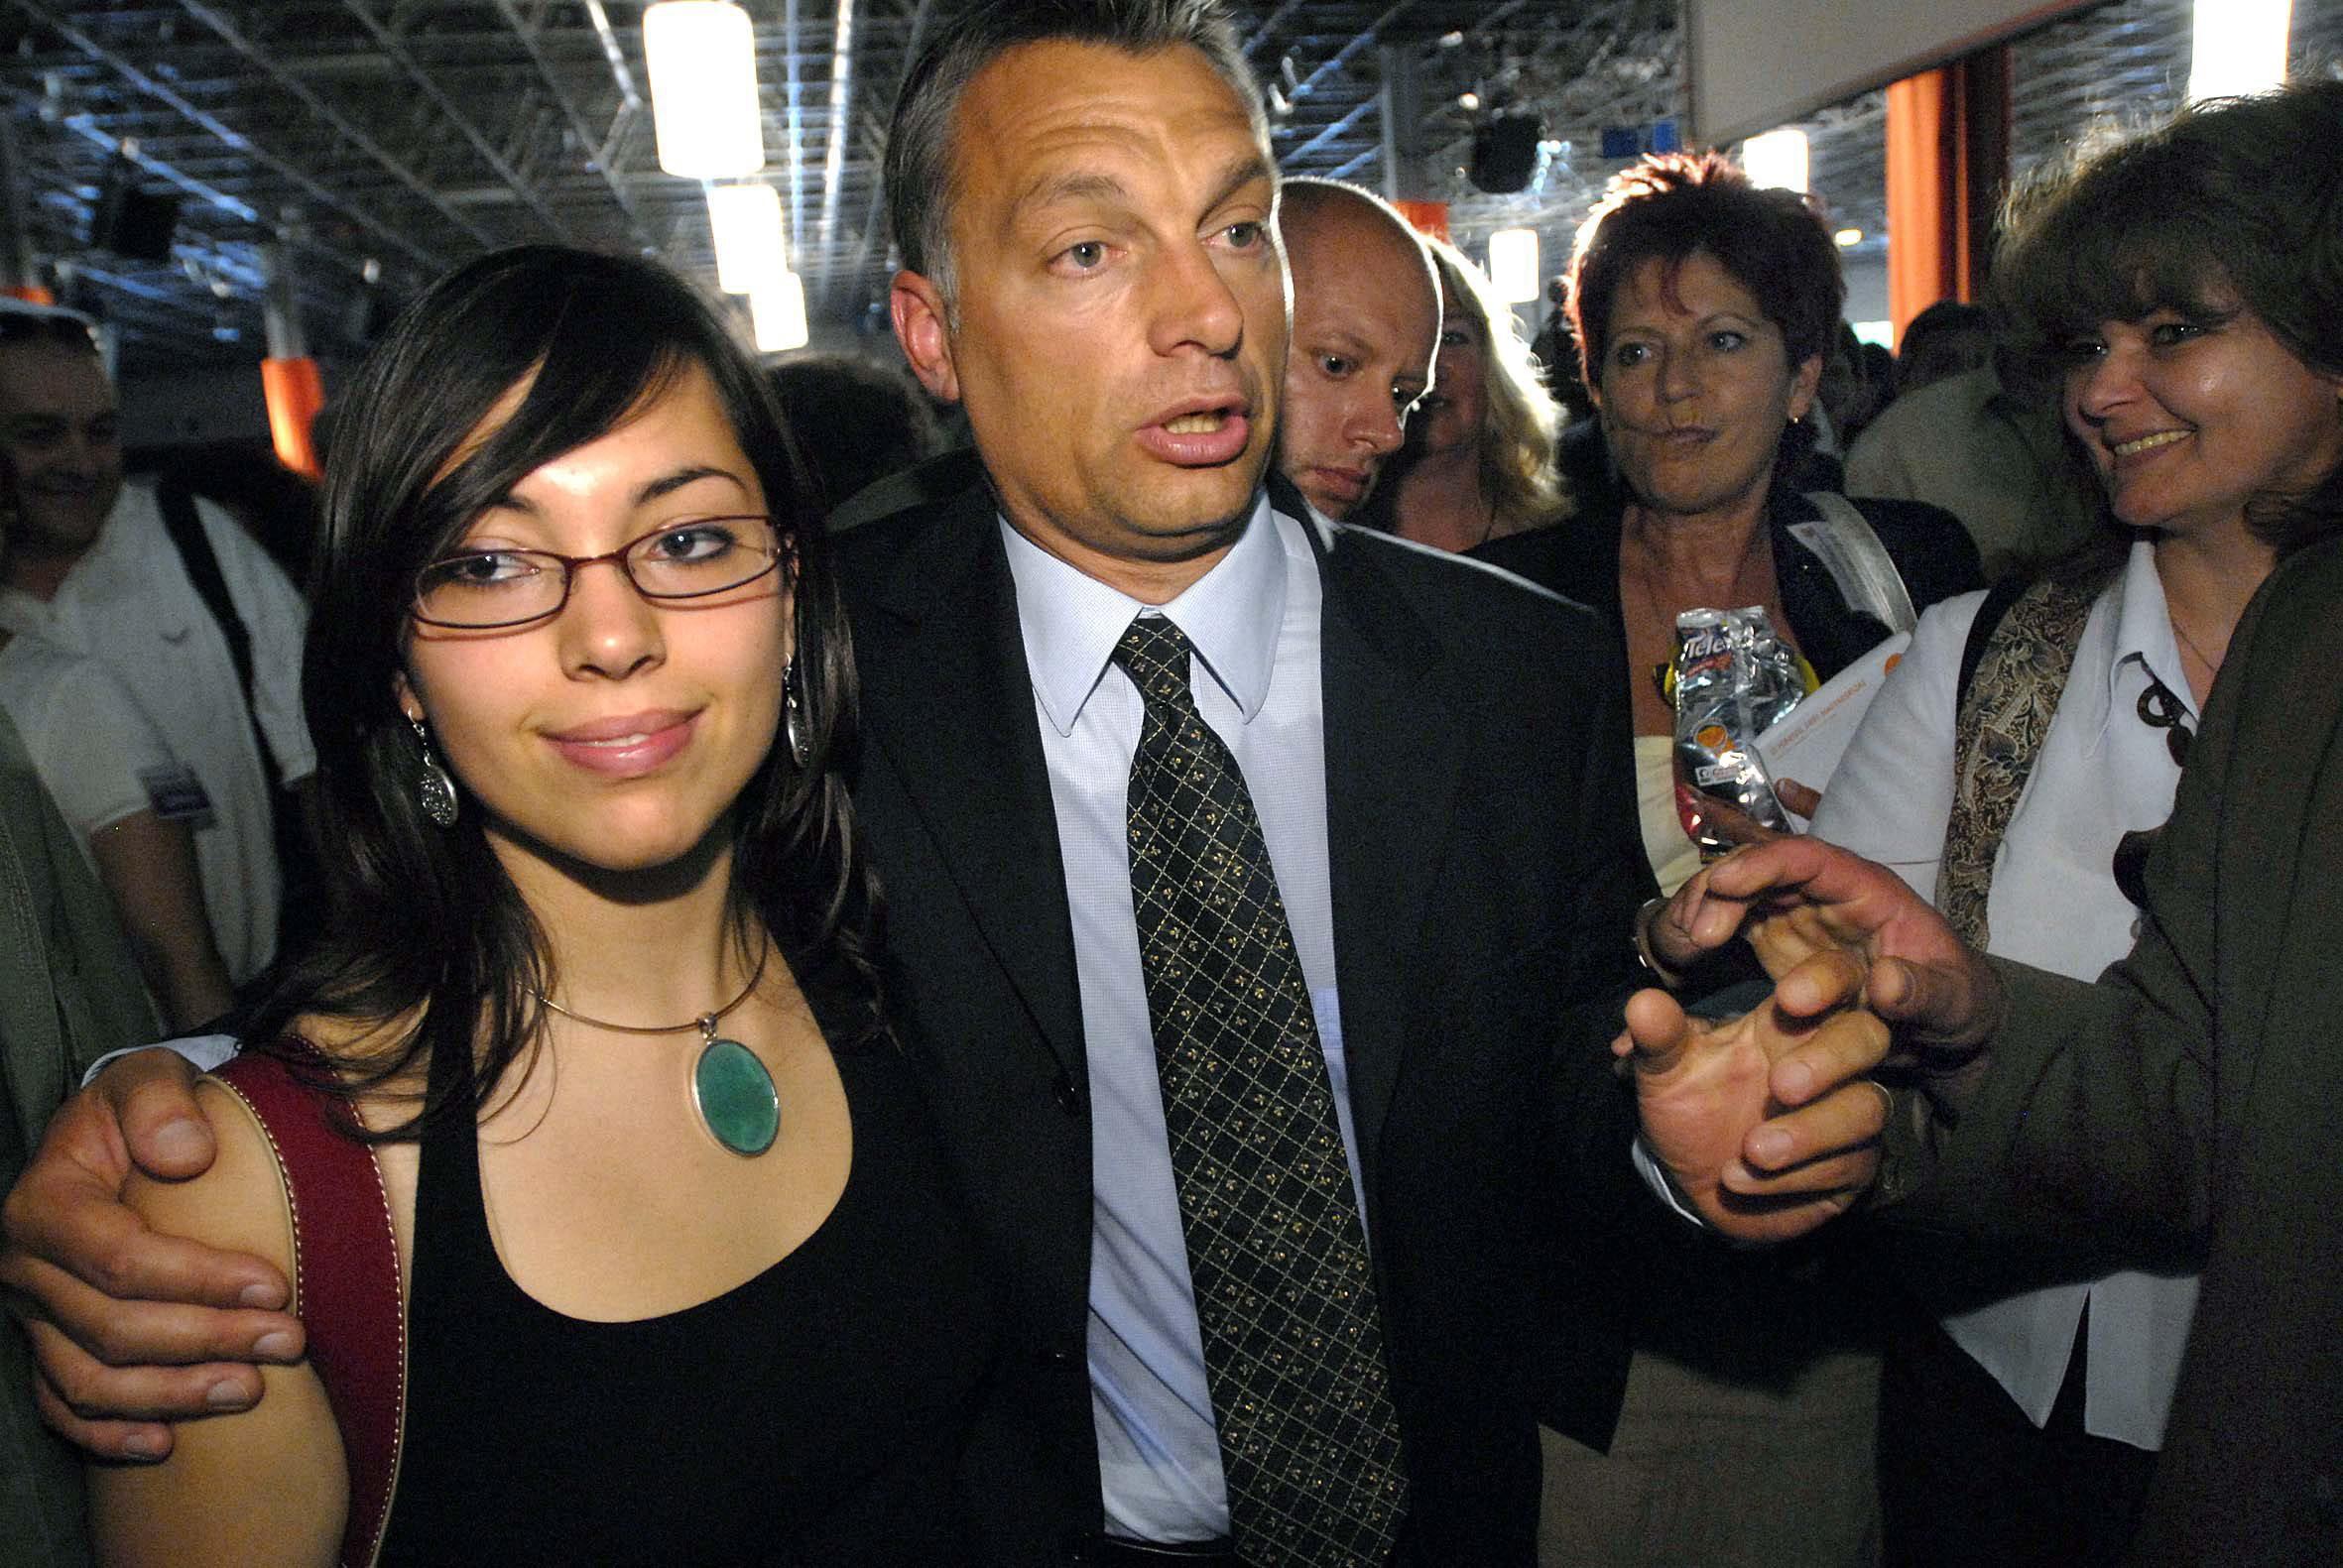 Budapest, 2007. május 20. Orbán Viktor újjáválasztott pártelnök Ráhel nevû lányával a Fidesz - Magyar Polgári Szövetség XXII. tisztújító kongresszusának végén a Hungexpo B-pavilonjában. MTI Fotó: Beliczay László